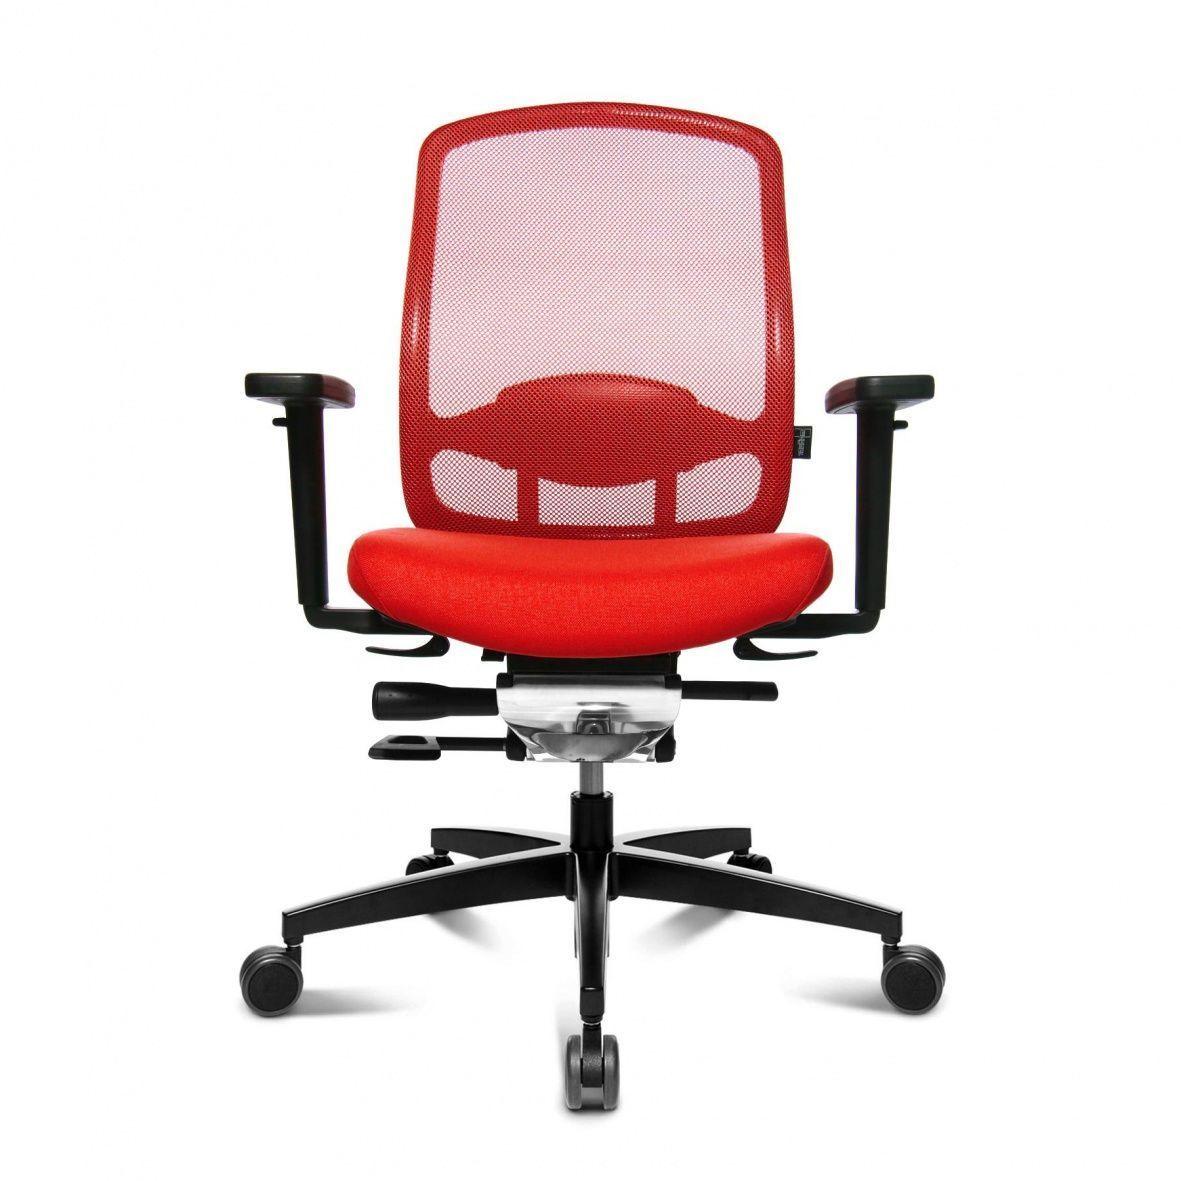 Alumedic 5 chaise de bureau wagner for Roulettes pour chaise de bureau